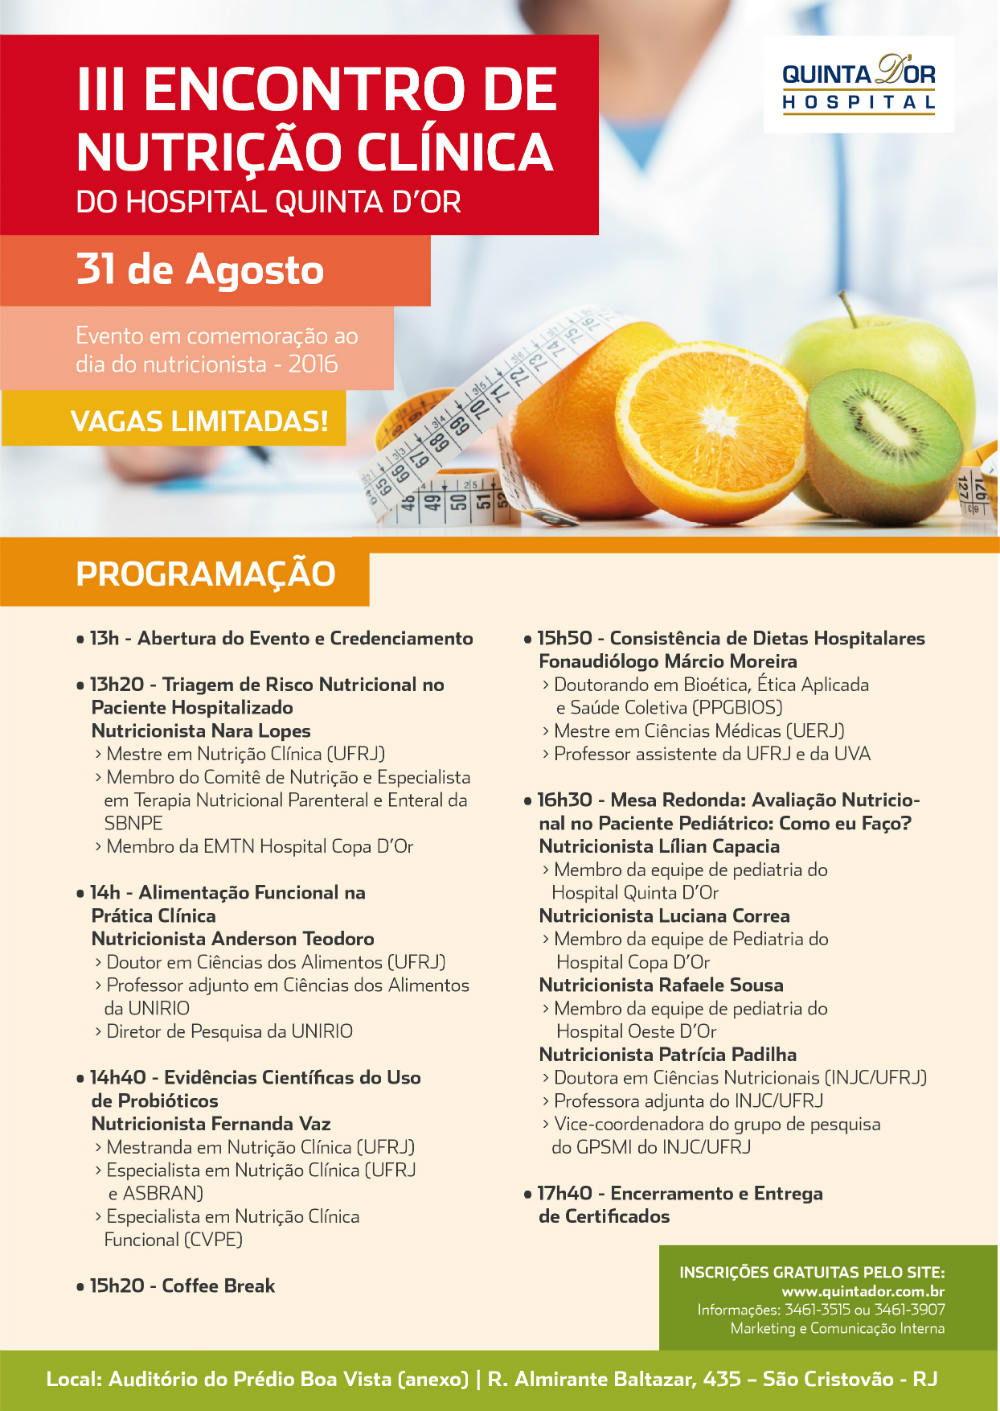 III Encontro de Nutrição Clínica_Programa.jpg